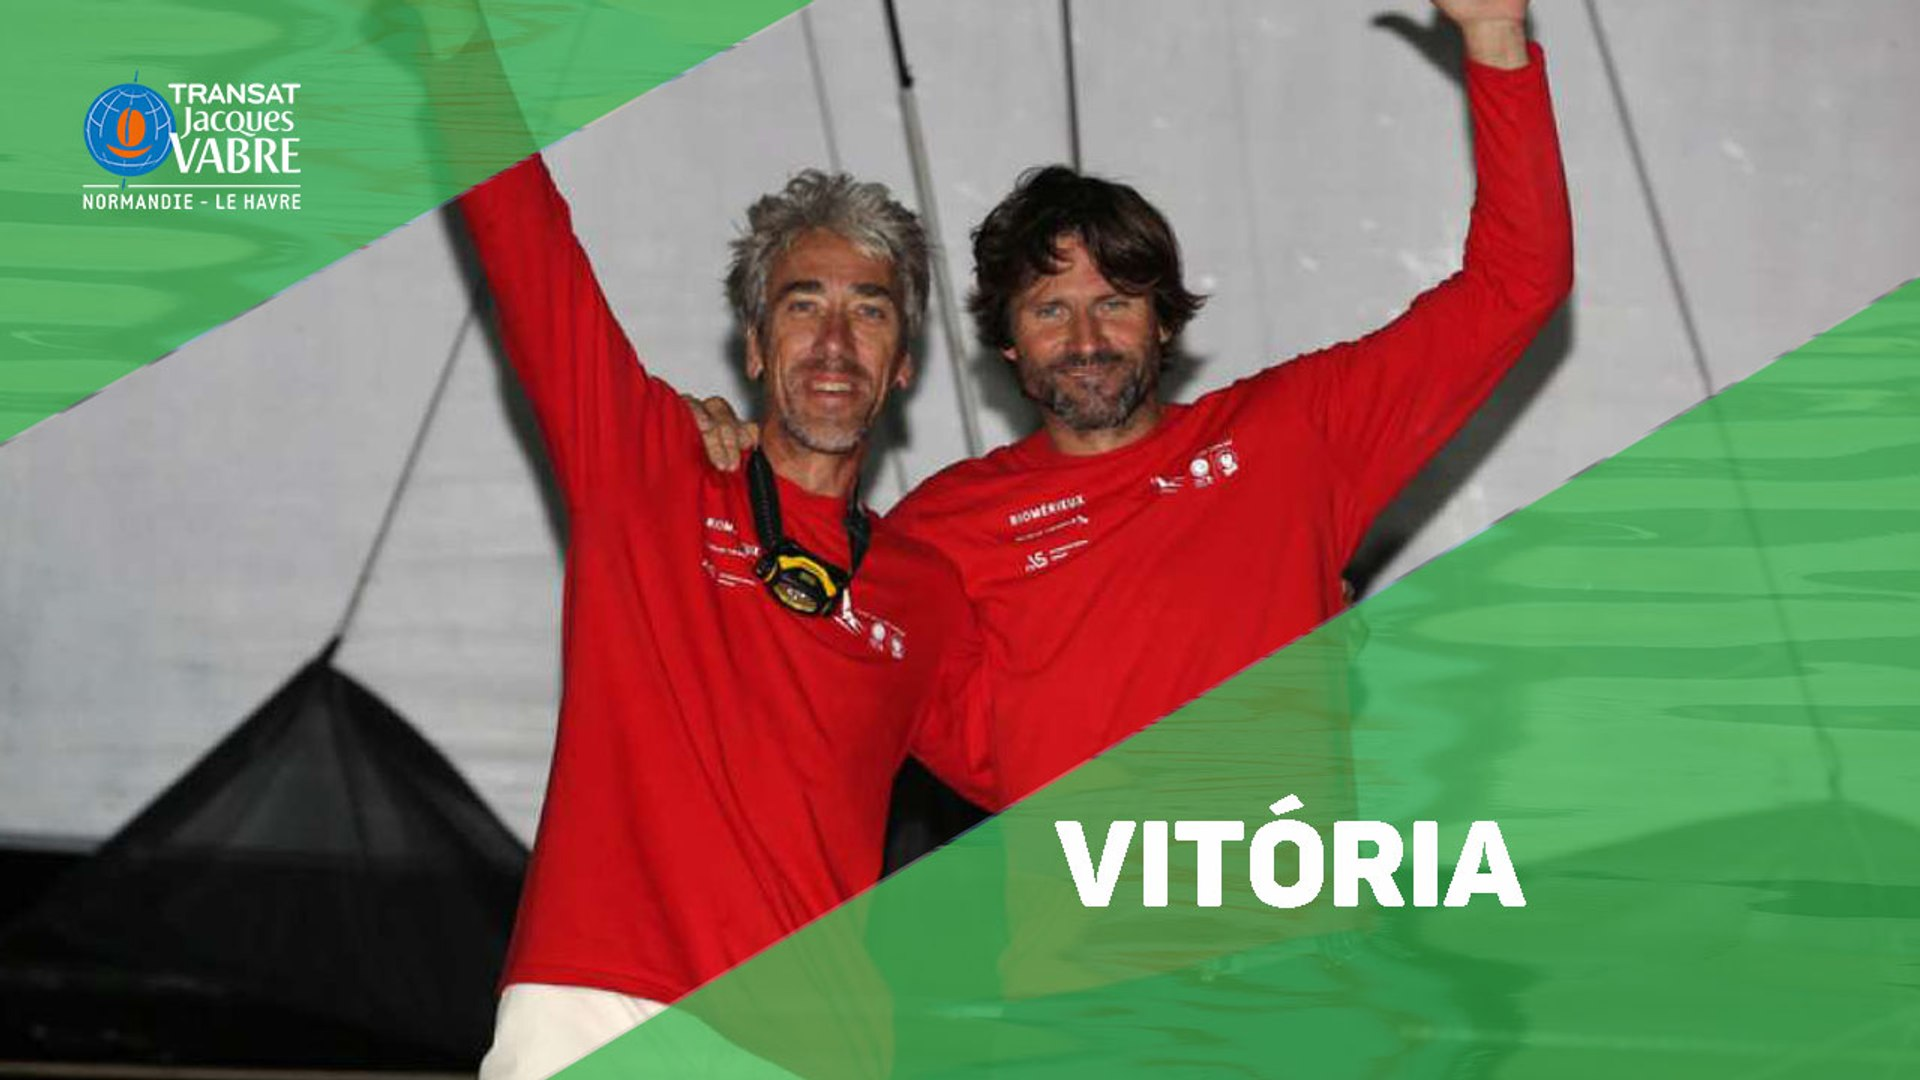 Chegada do campeão da Multi50 da Transat Jacques Vabre